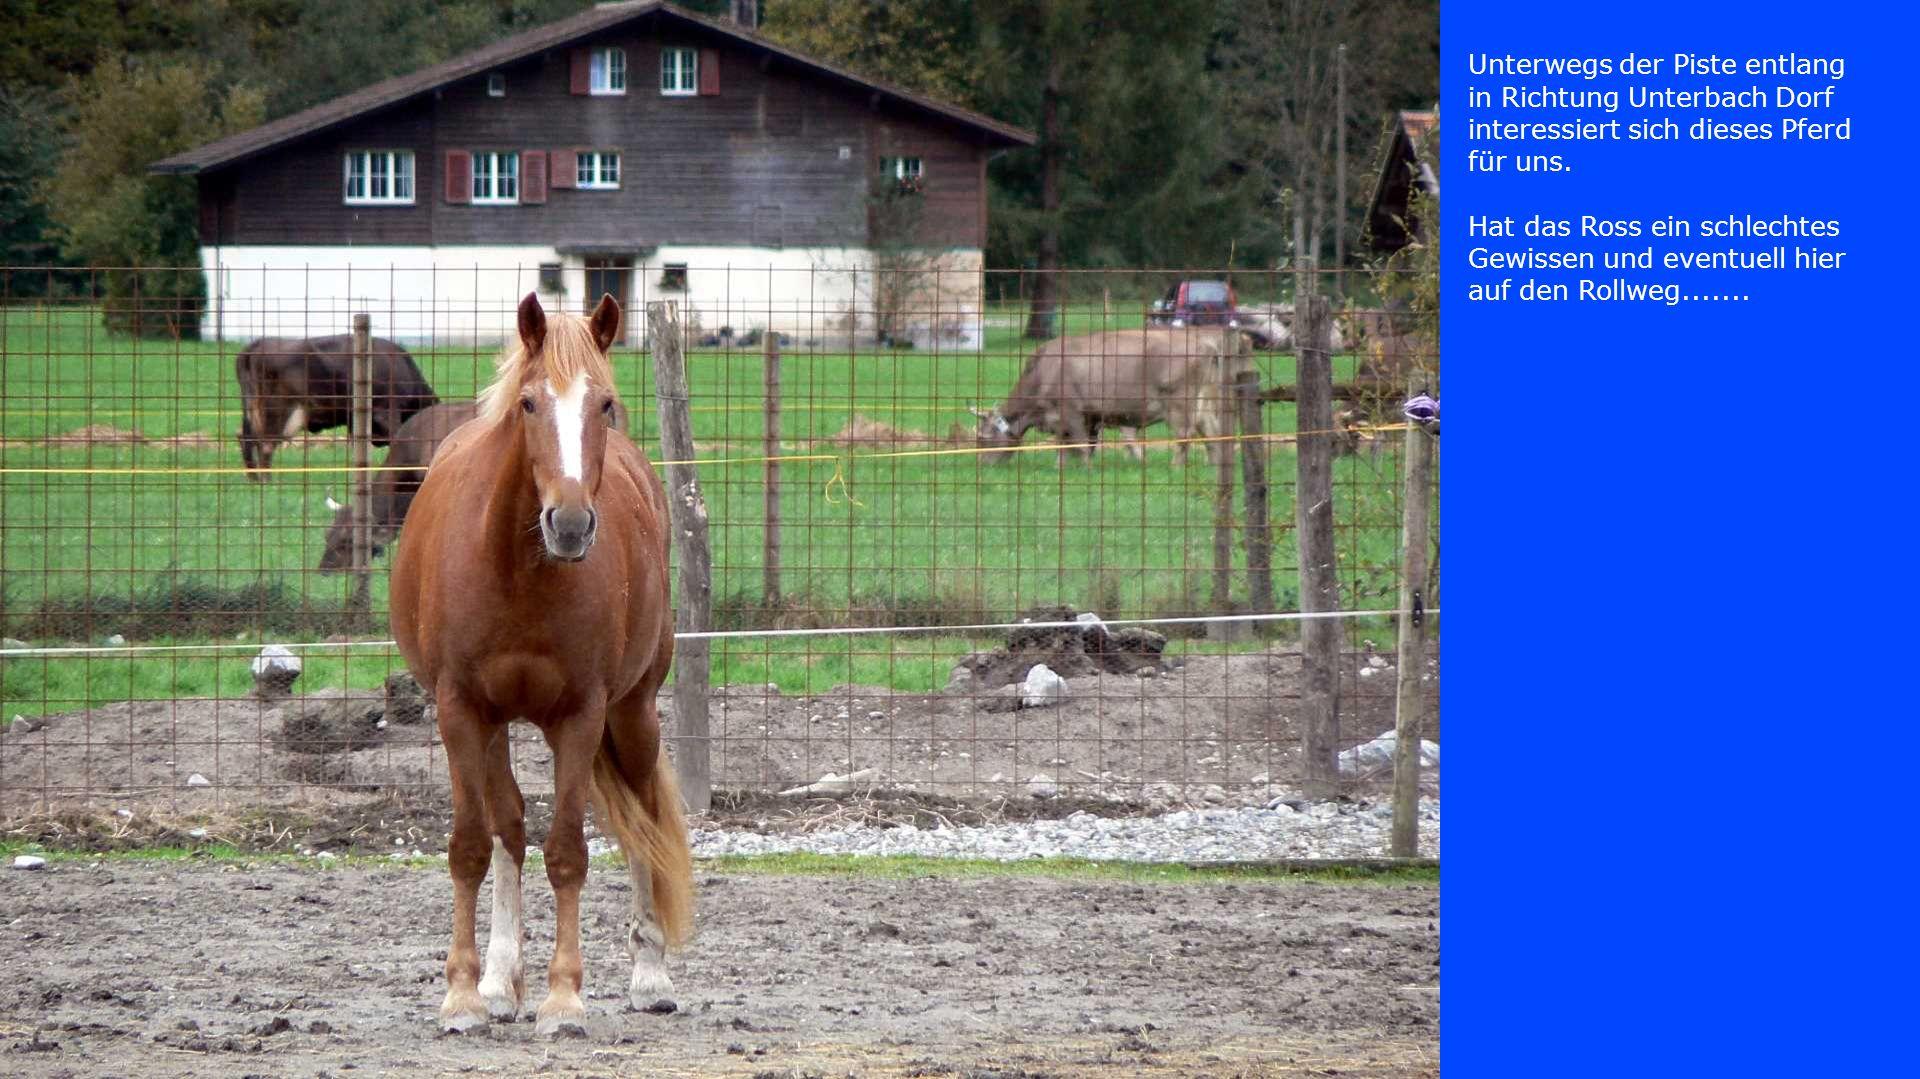 Unterwegs der Piste entlang in Richtung Unterbach Dorf interessiert sich dieses Pferd für uns. Hat das Ross ein schlechtes Gewissen und eventuell hier